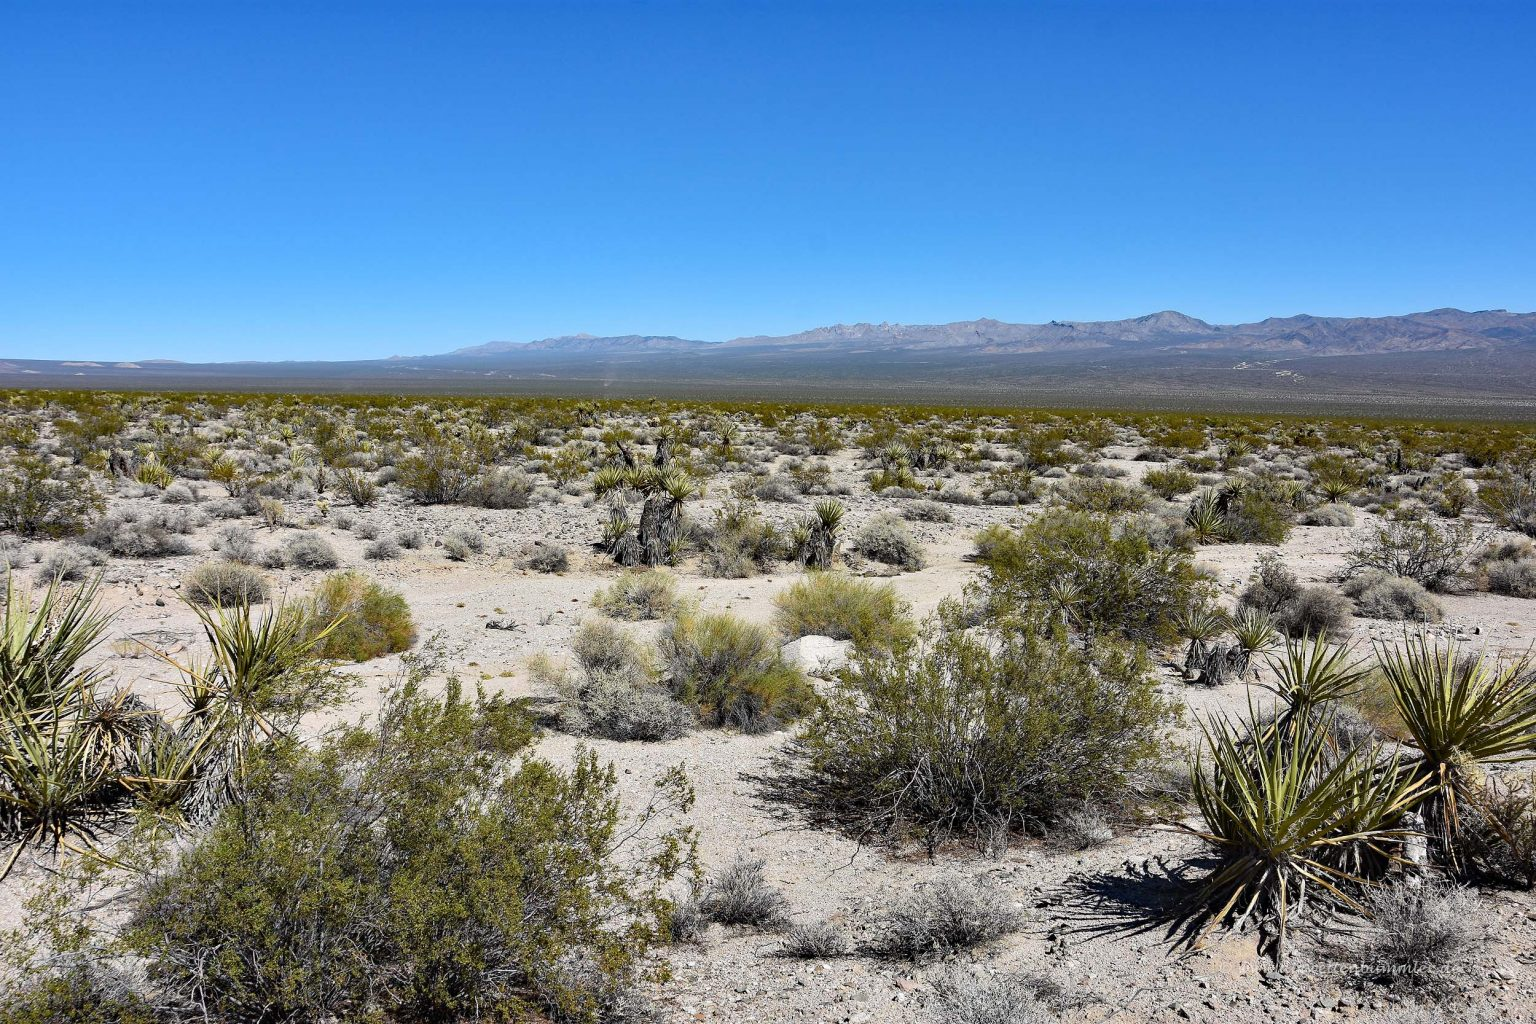 Mojave-Wüste